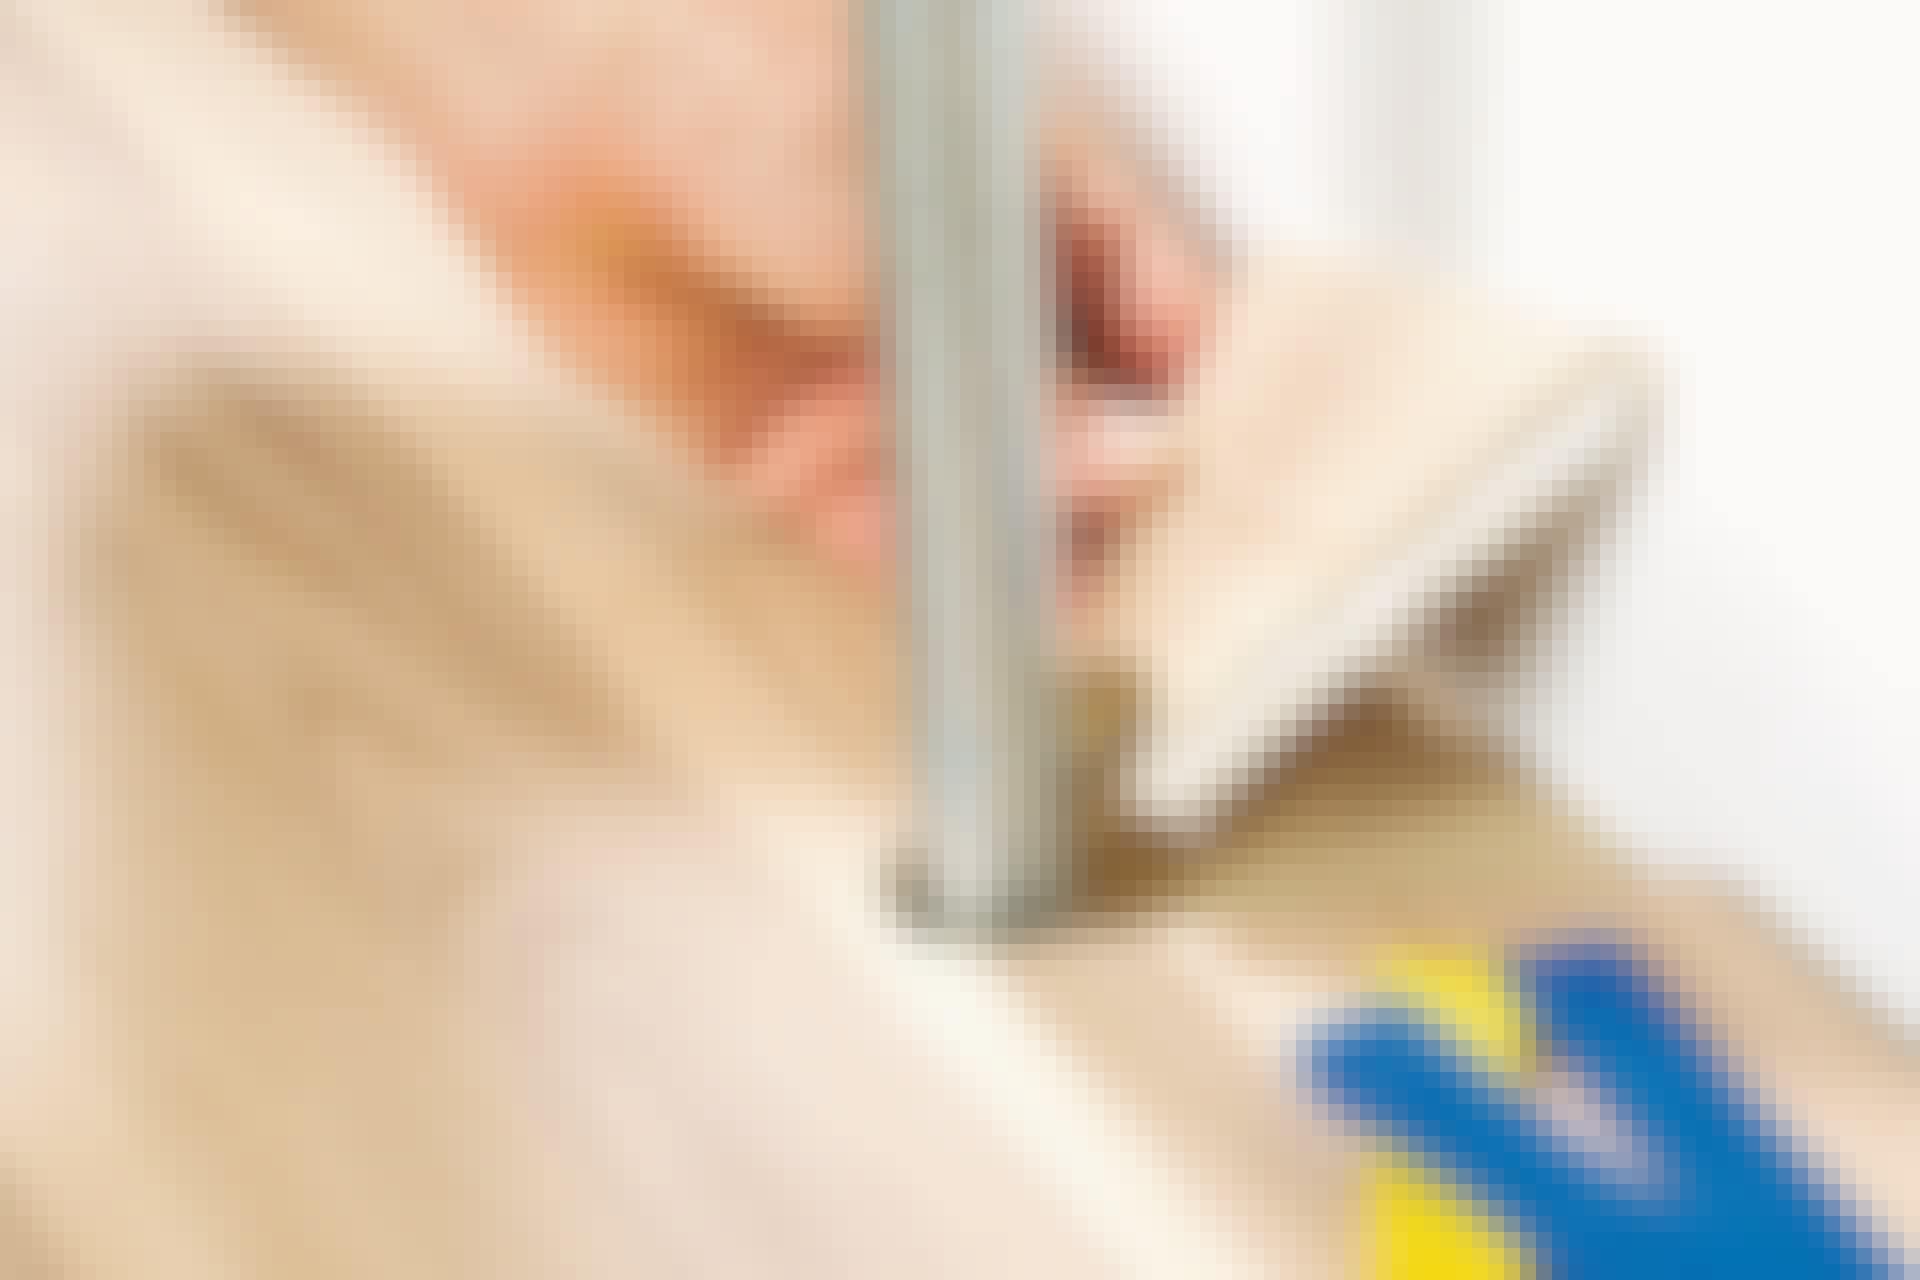 Et tregulv har helt tette sammenføyninger, og det gjelder å legge bordene rundt rør, så sammenføyningene blir helt tette også her.